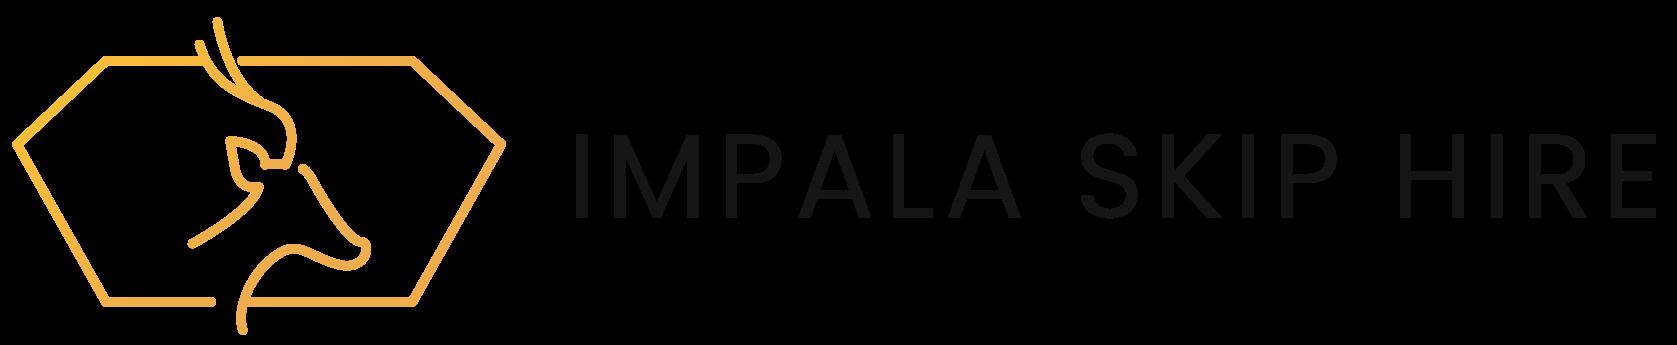 Impala Skip Hire Company